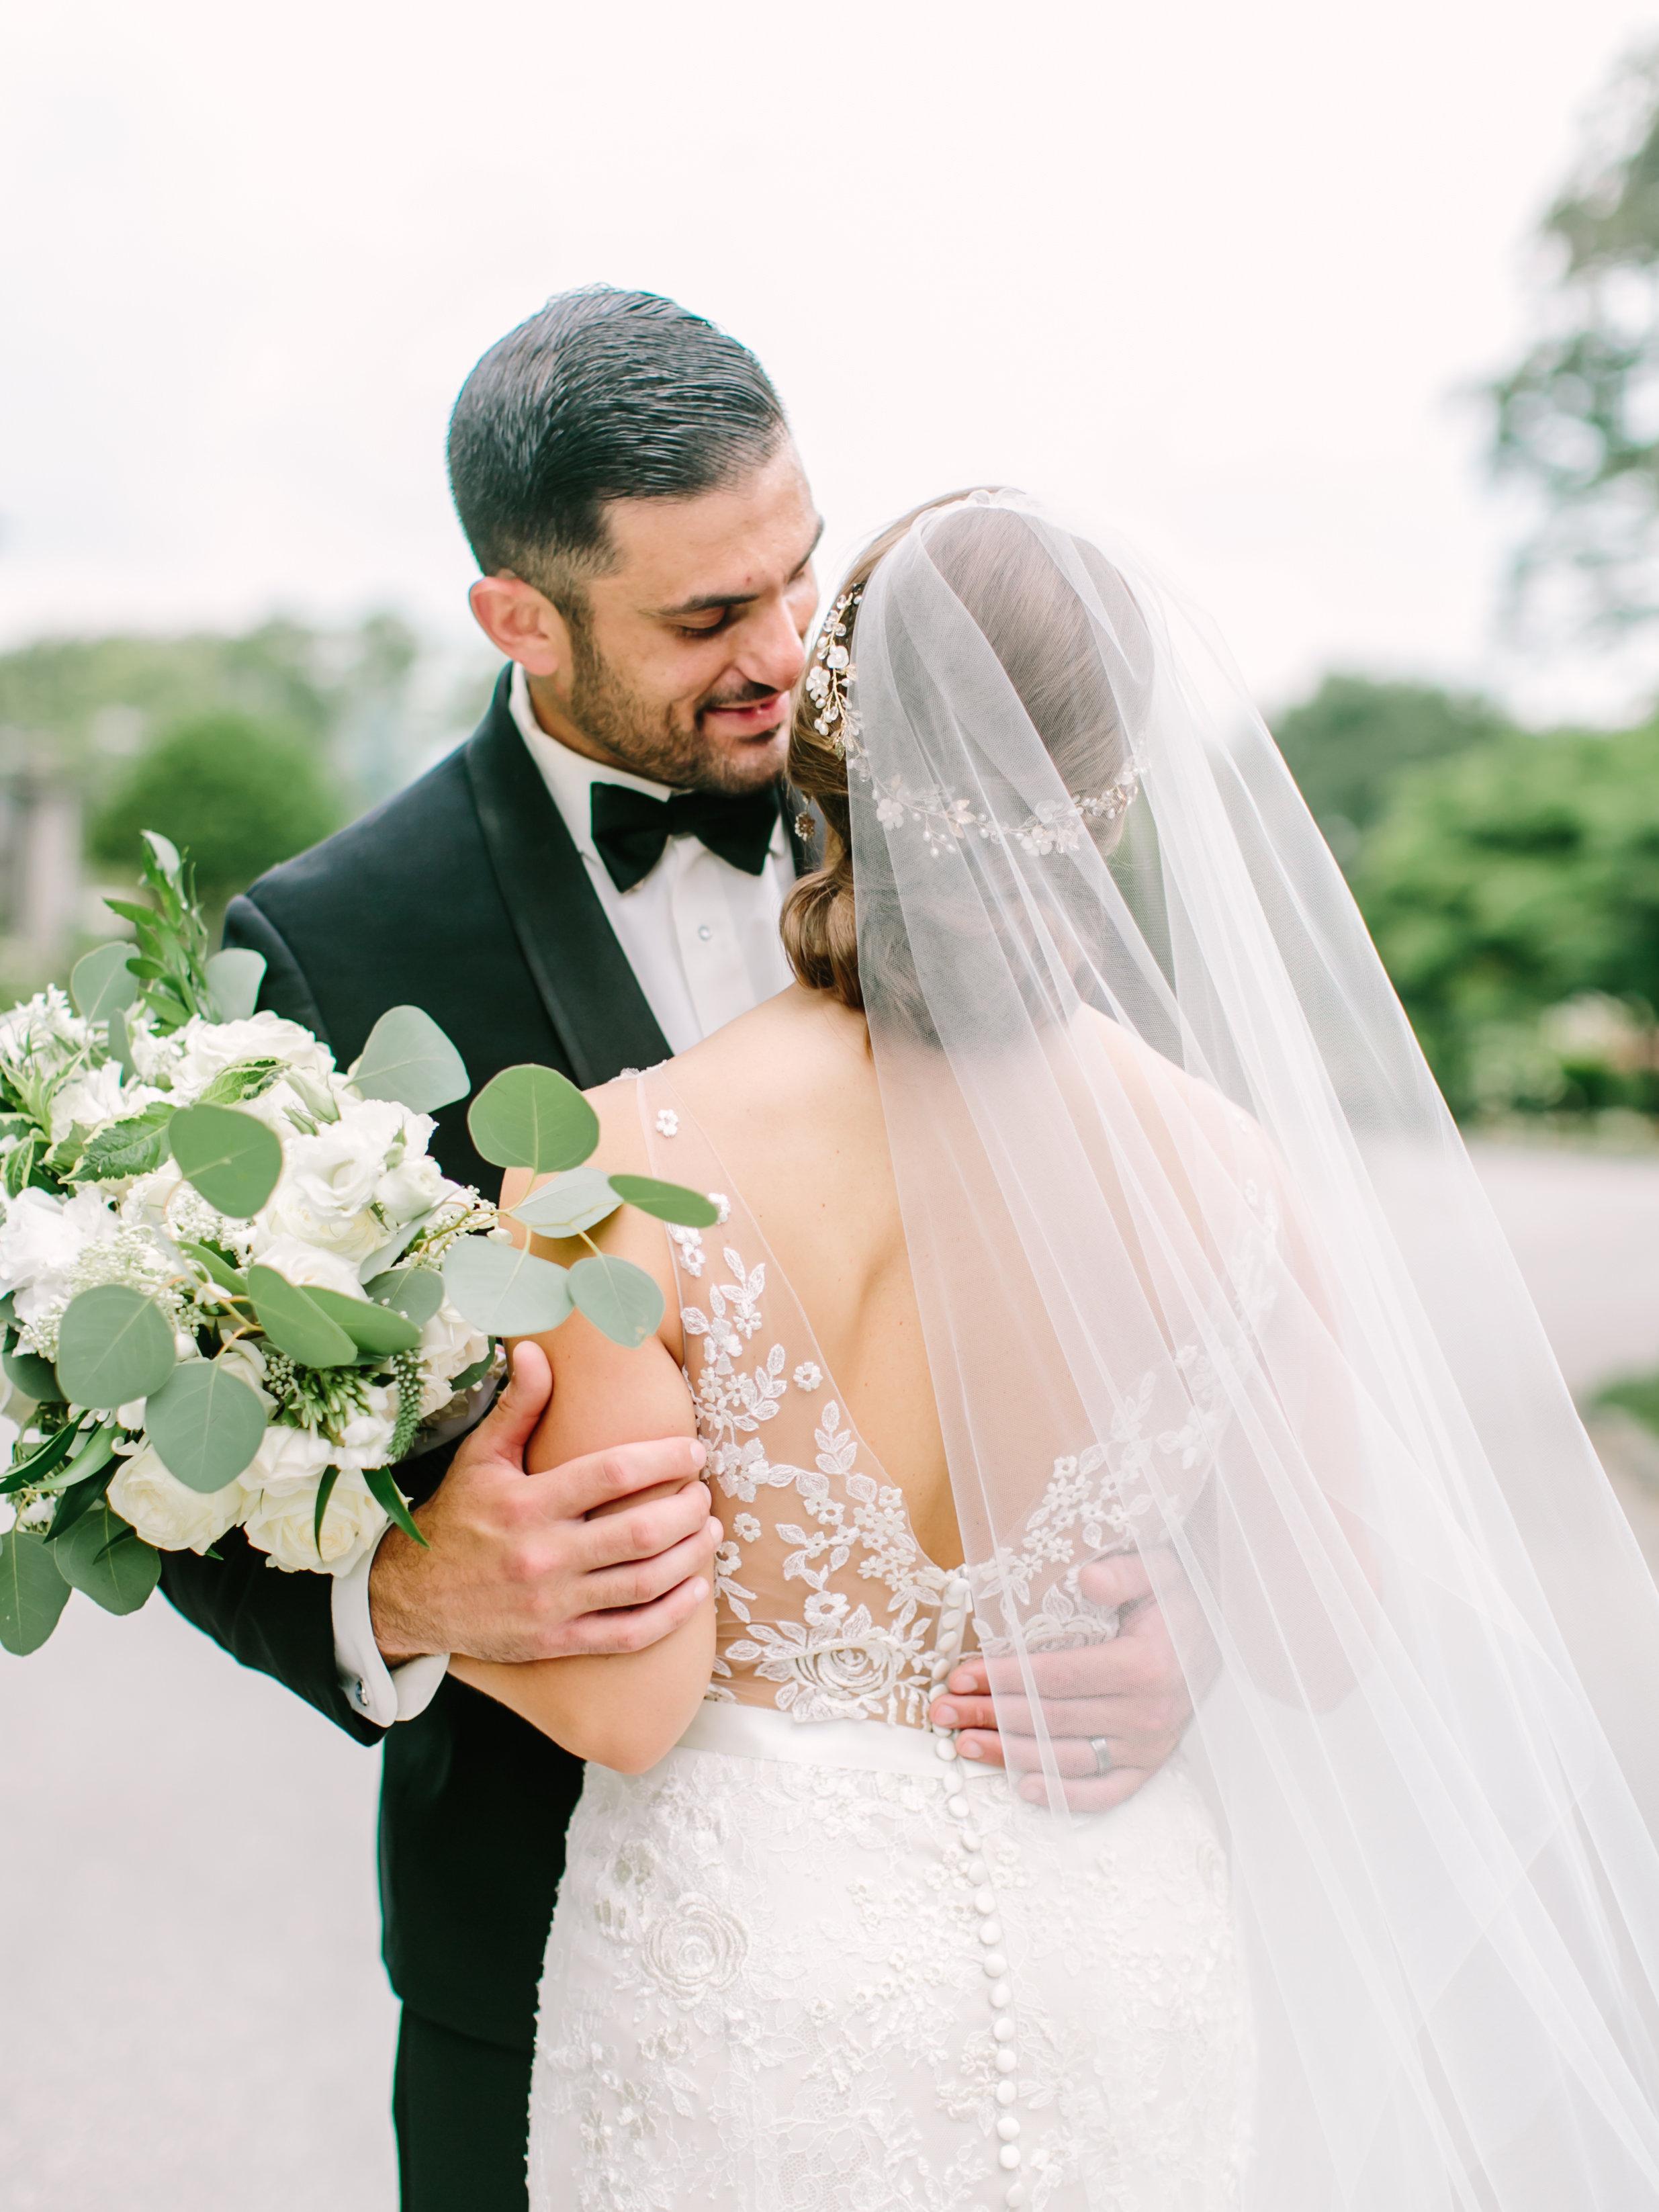 Love&LightPhotographs_Jennifer&Mark_Wedding_Preview-28.jpg